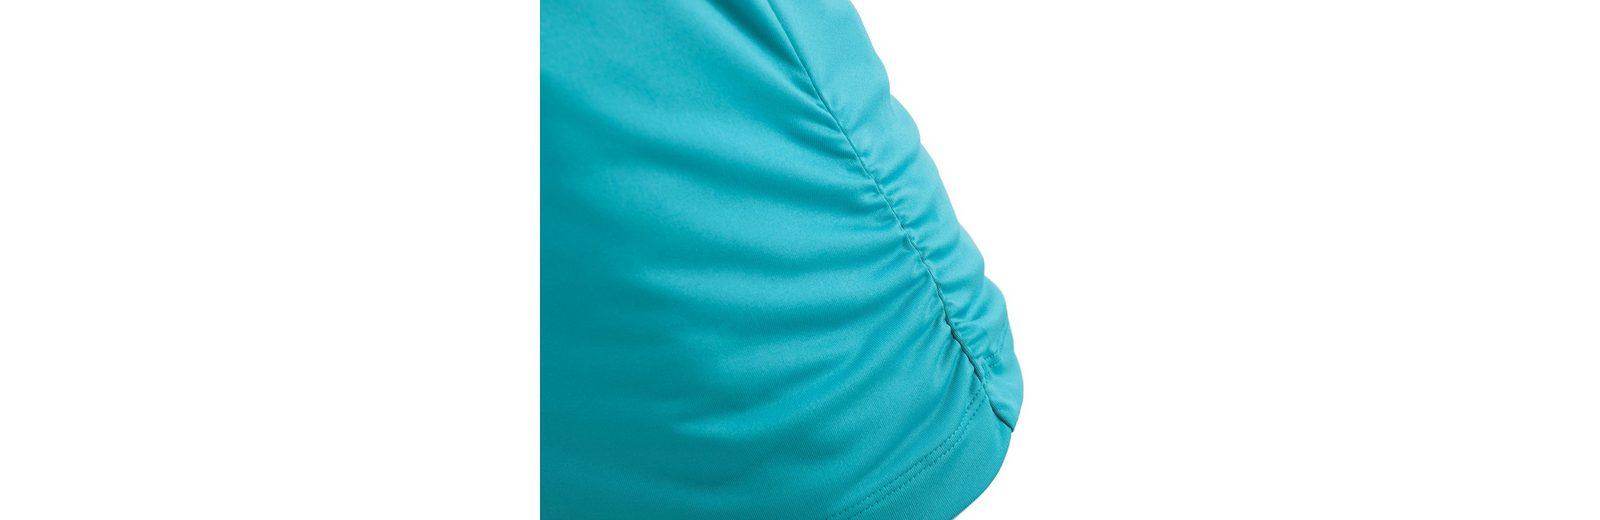 Ganz Welt Versand Billig Zahlen Mit Paypal Joy Sportswear Sporttop ARABELLA Bestseller Günstiger Preis Billig Verkauf Geniue Händler Rabatt 2018 Neue kahjgN